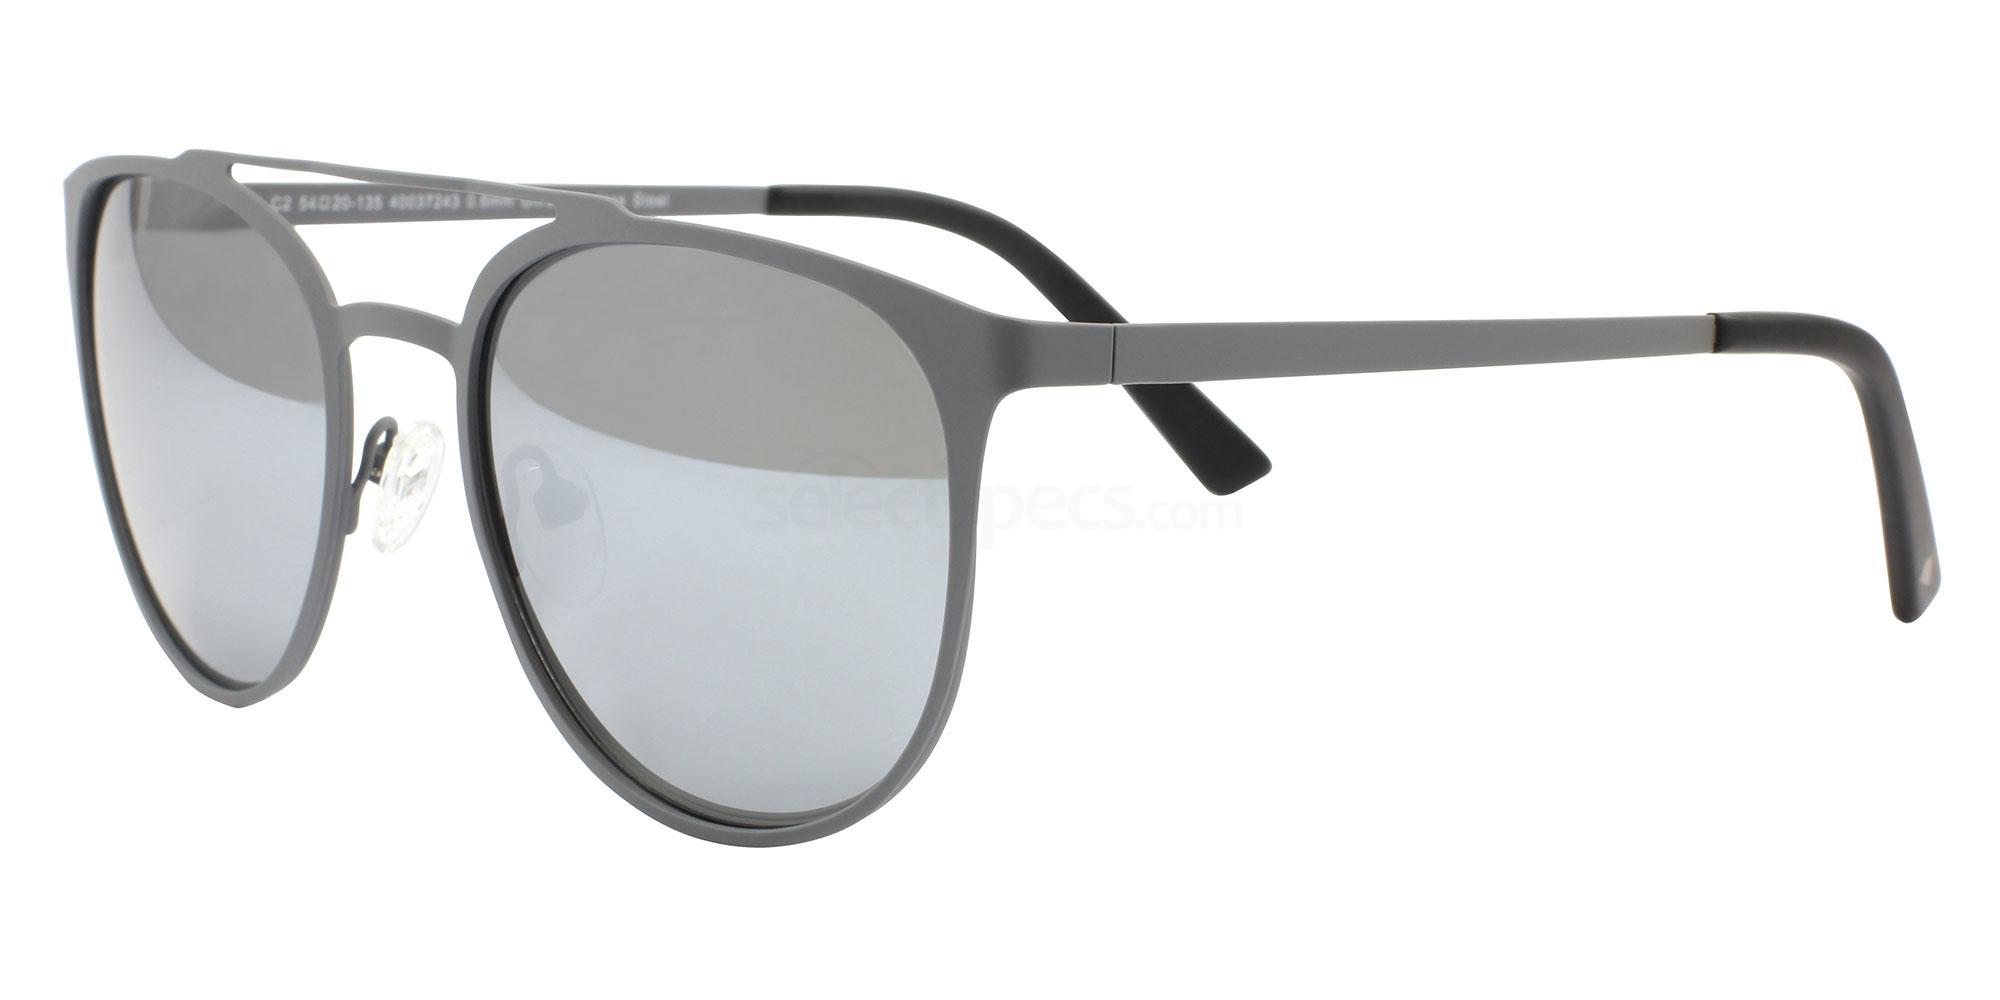 C2 Dunlop Sun 37 Sunglasses, Dunlop